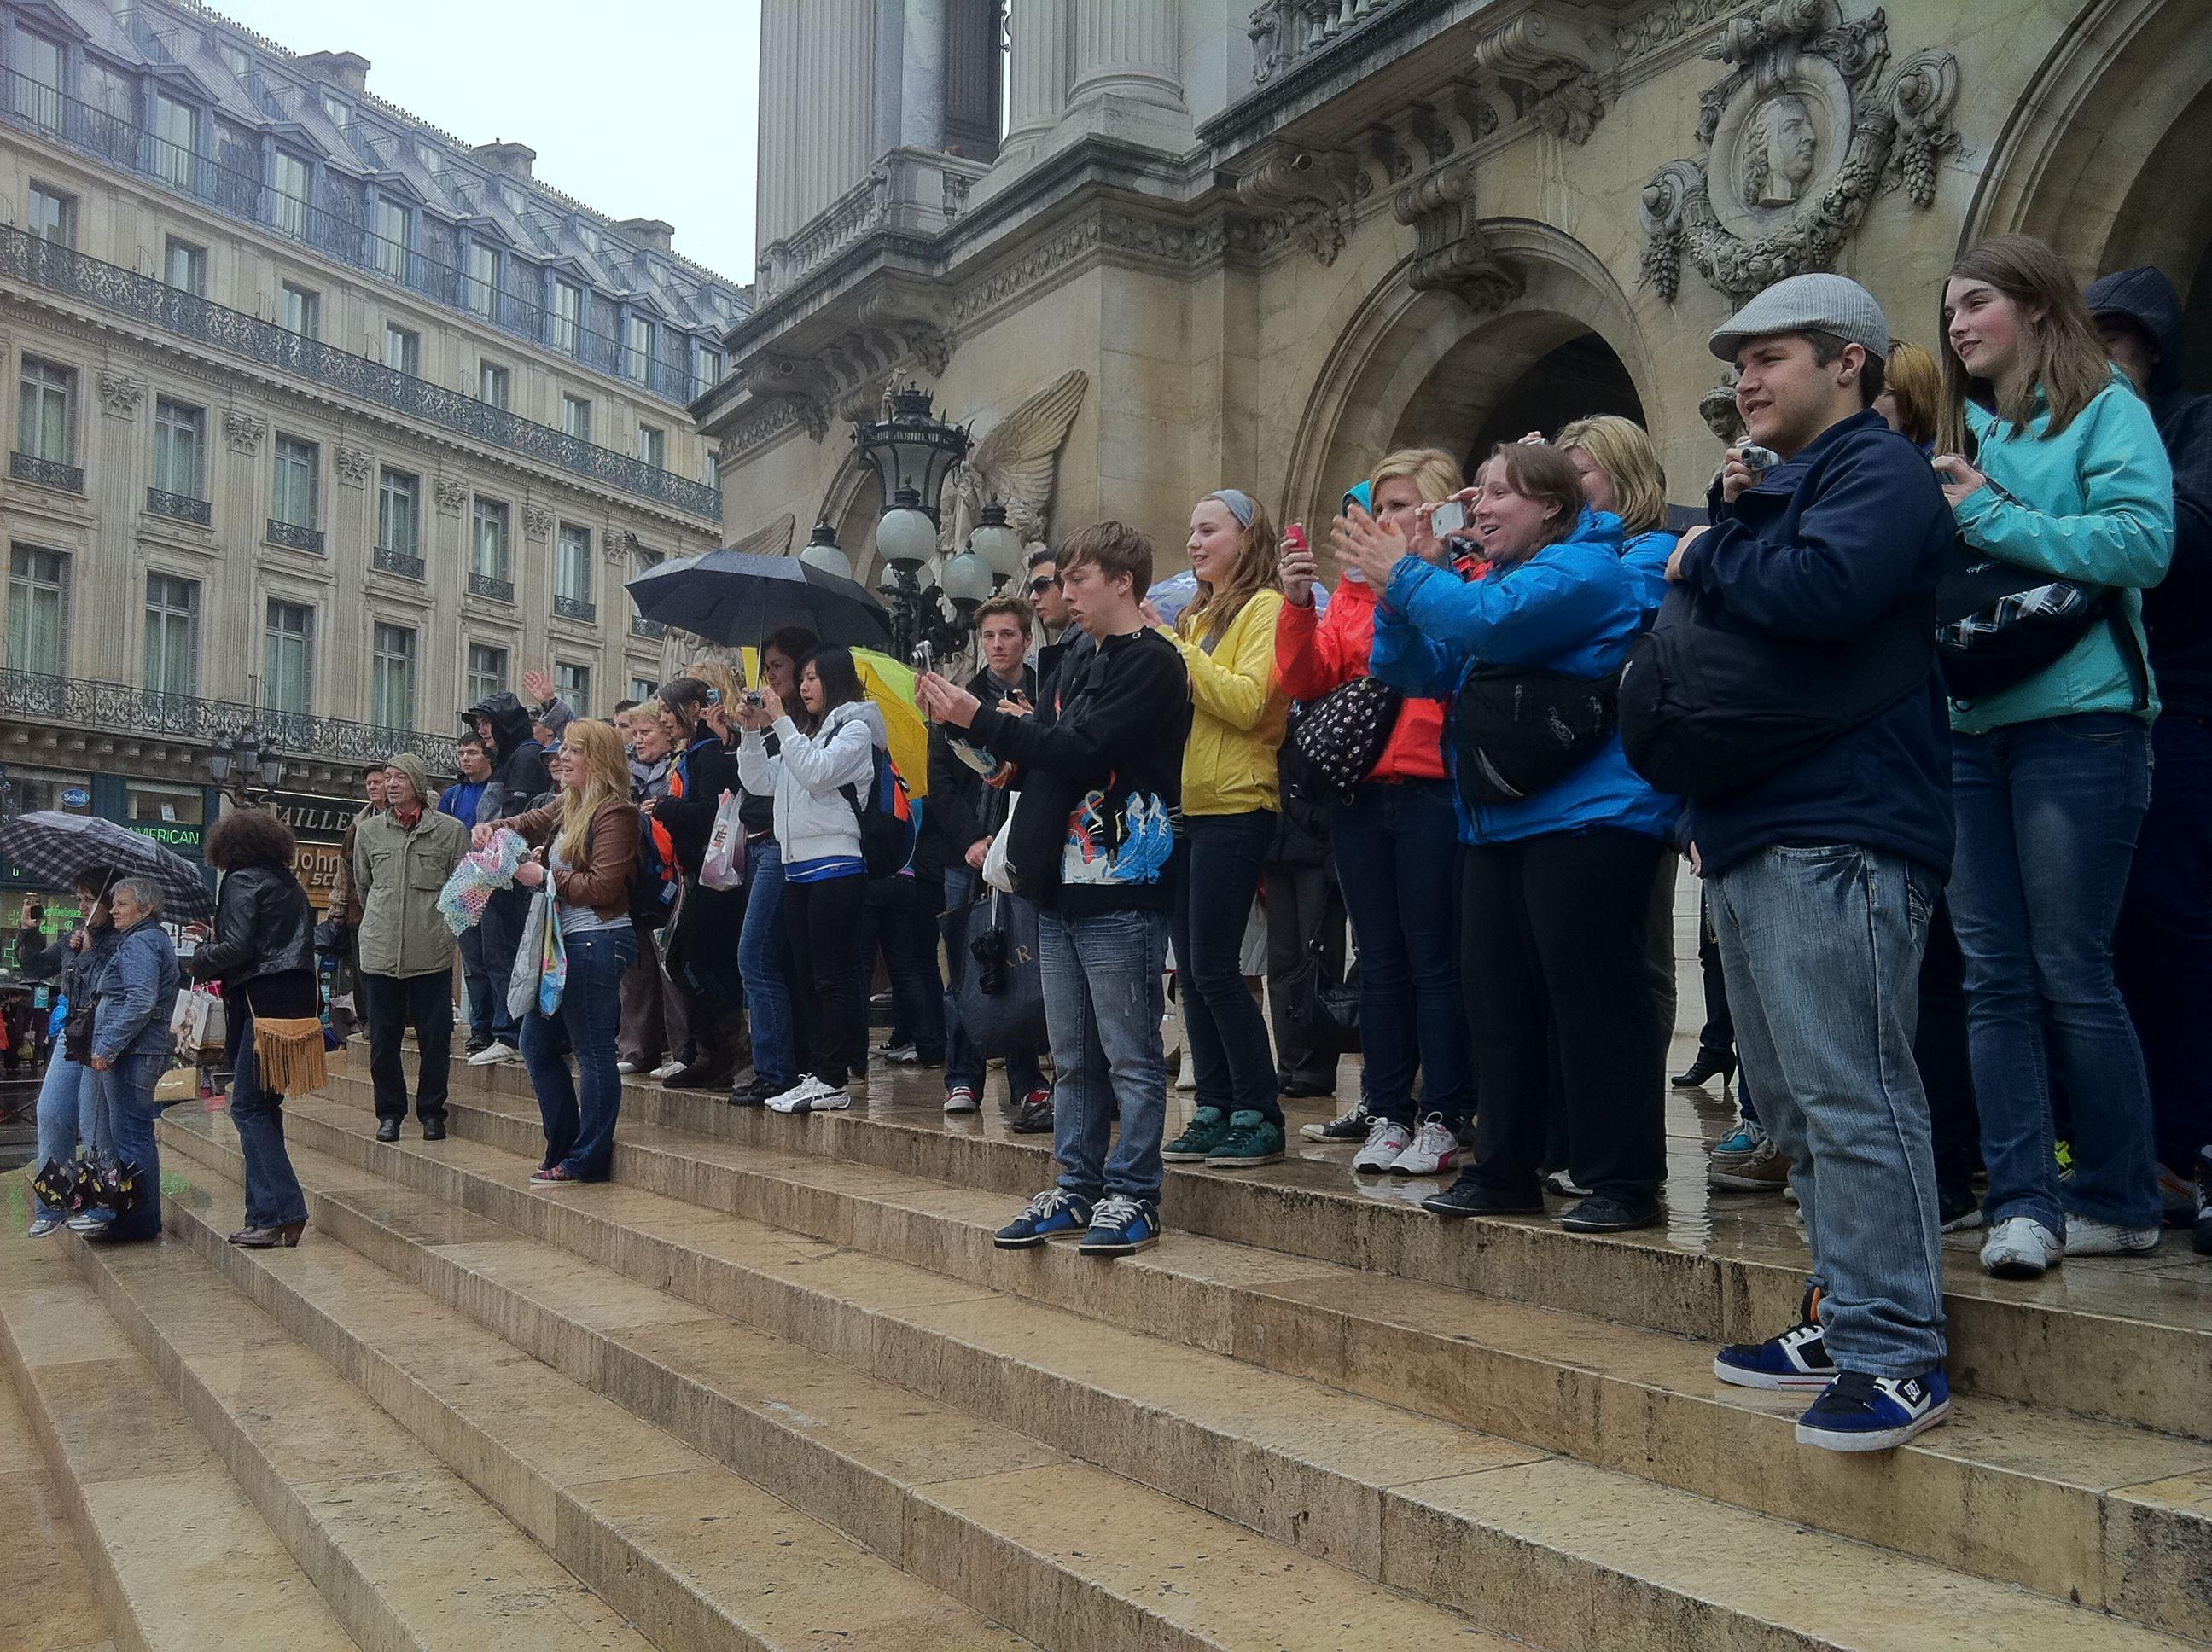 La foule assiste au défilé